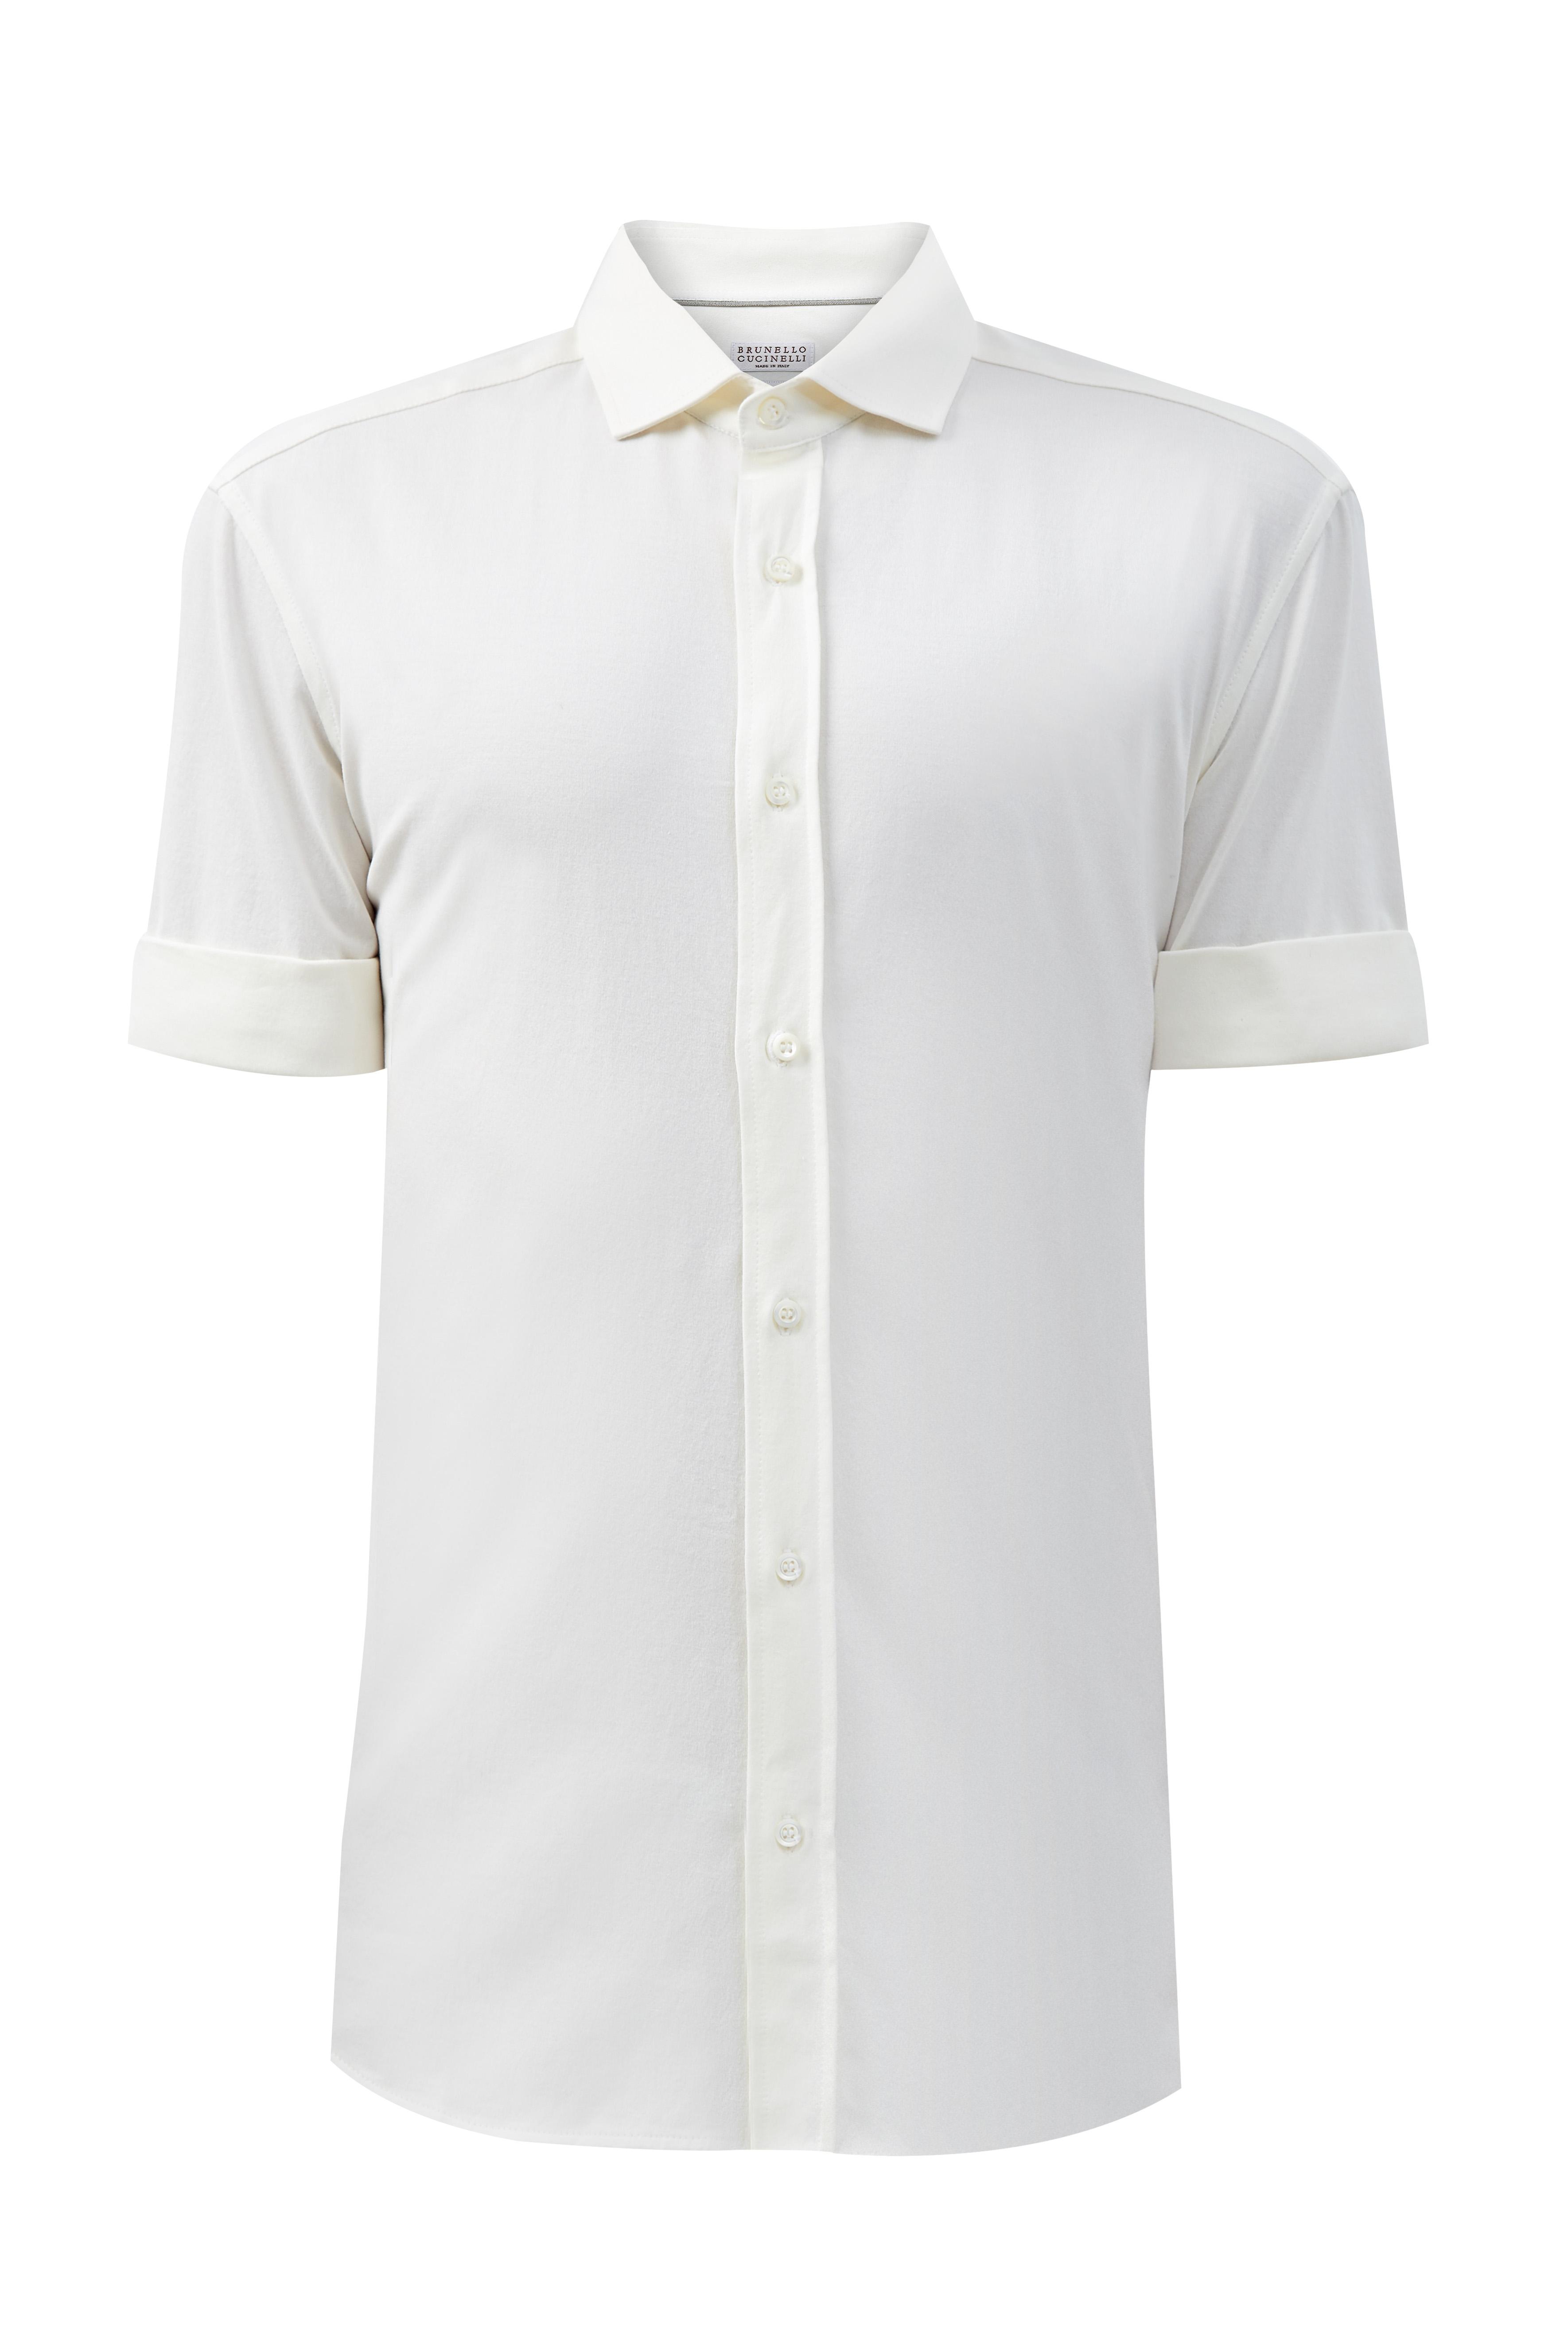 Приталенная рубашка из хлопка джерси